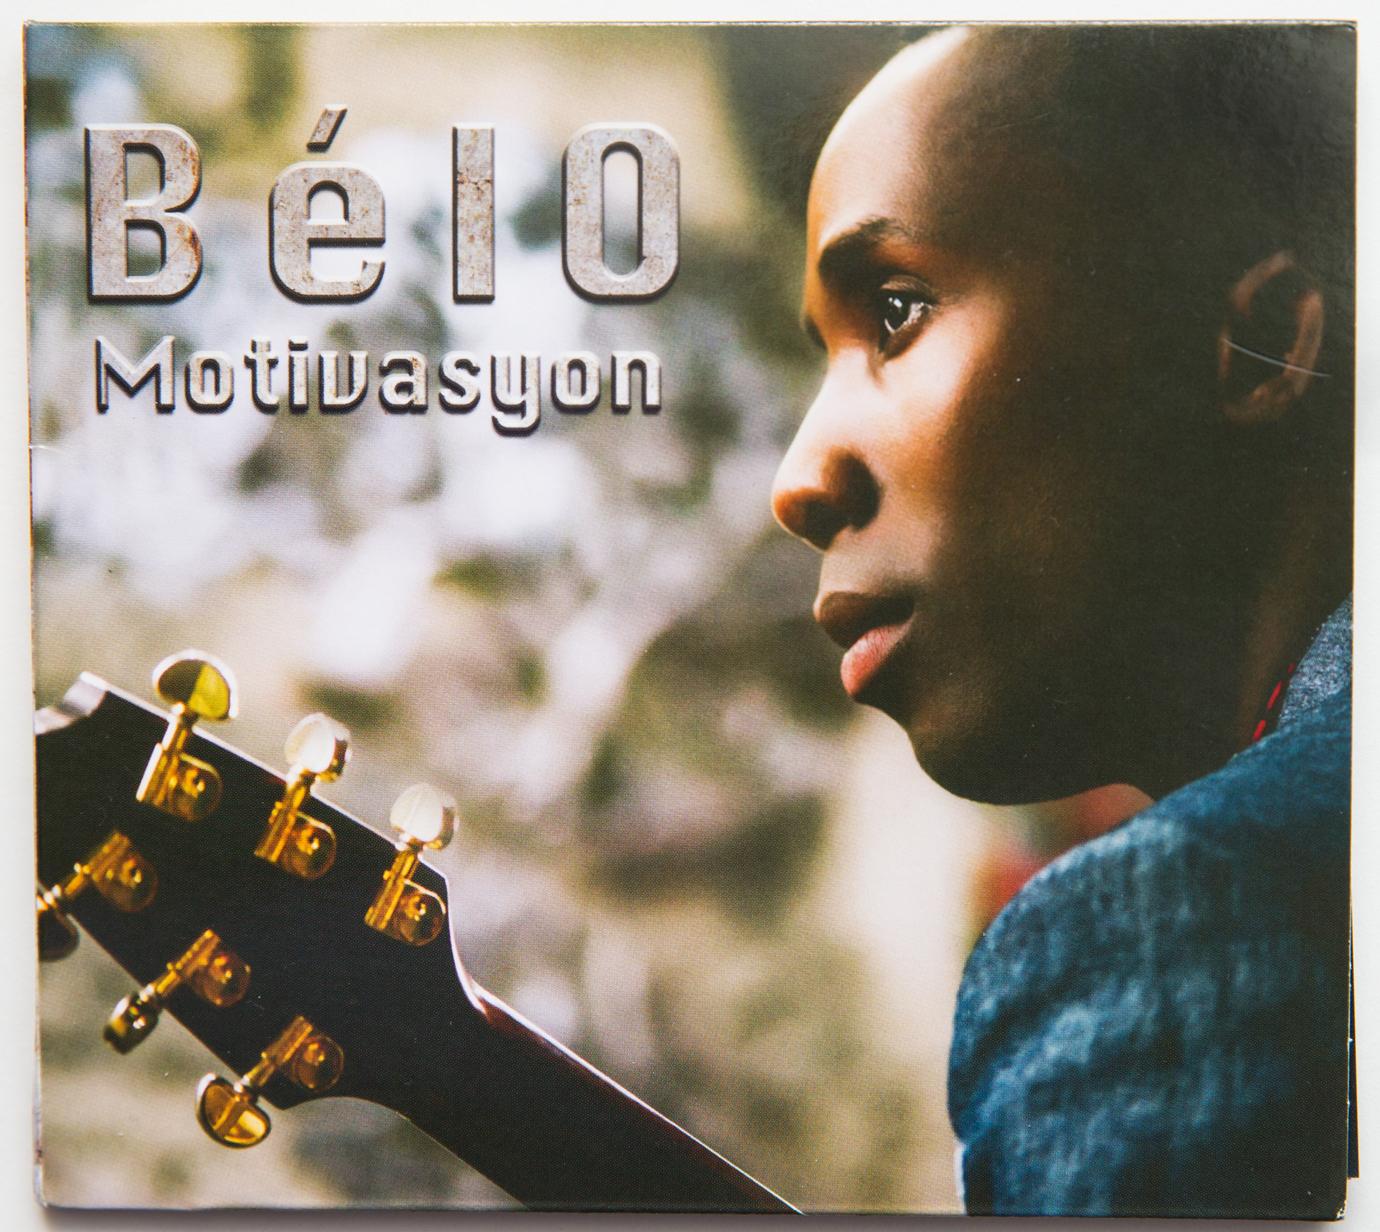 """""""Motavasyon"""" 2019 release from BélO"""